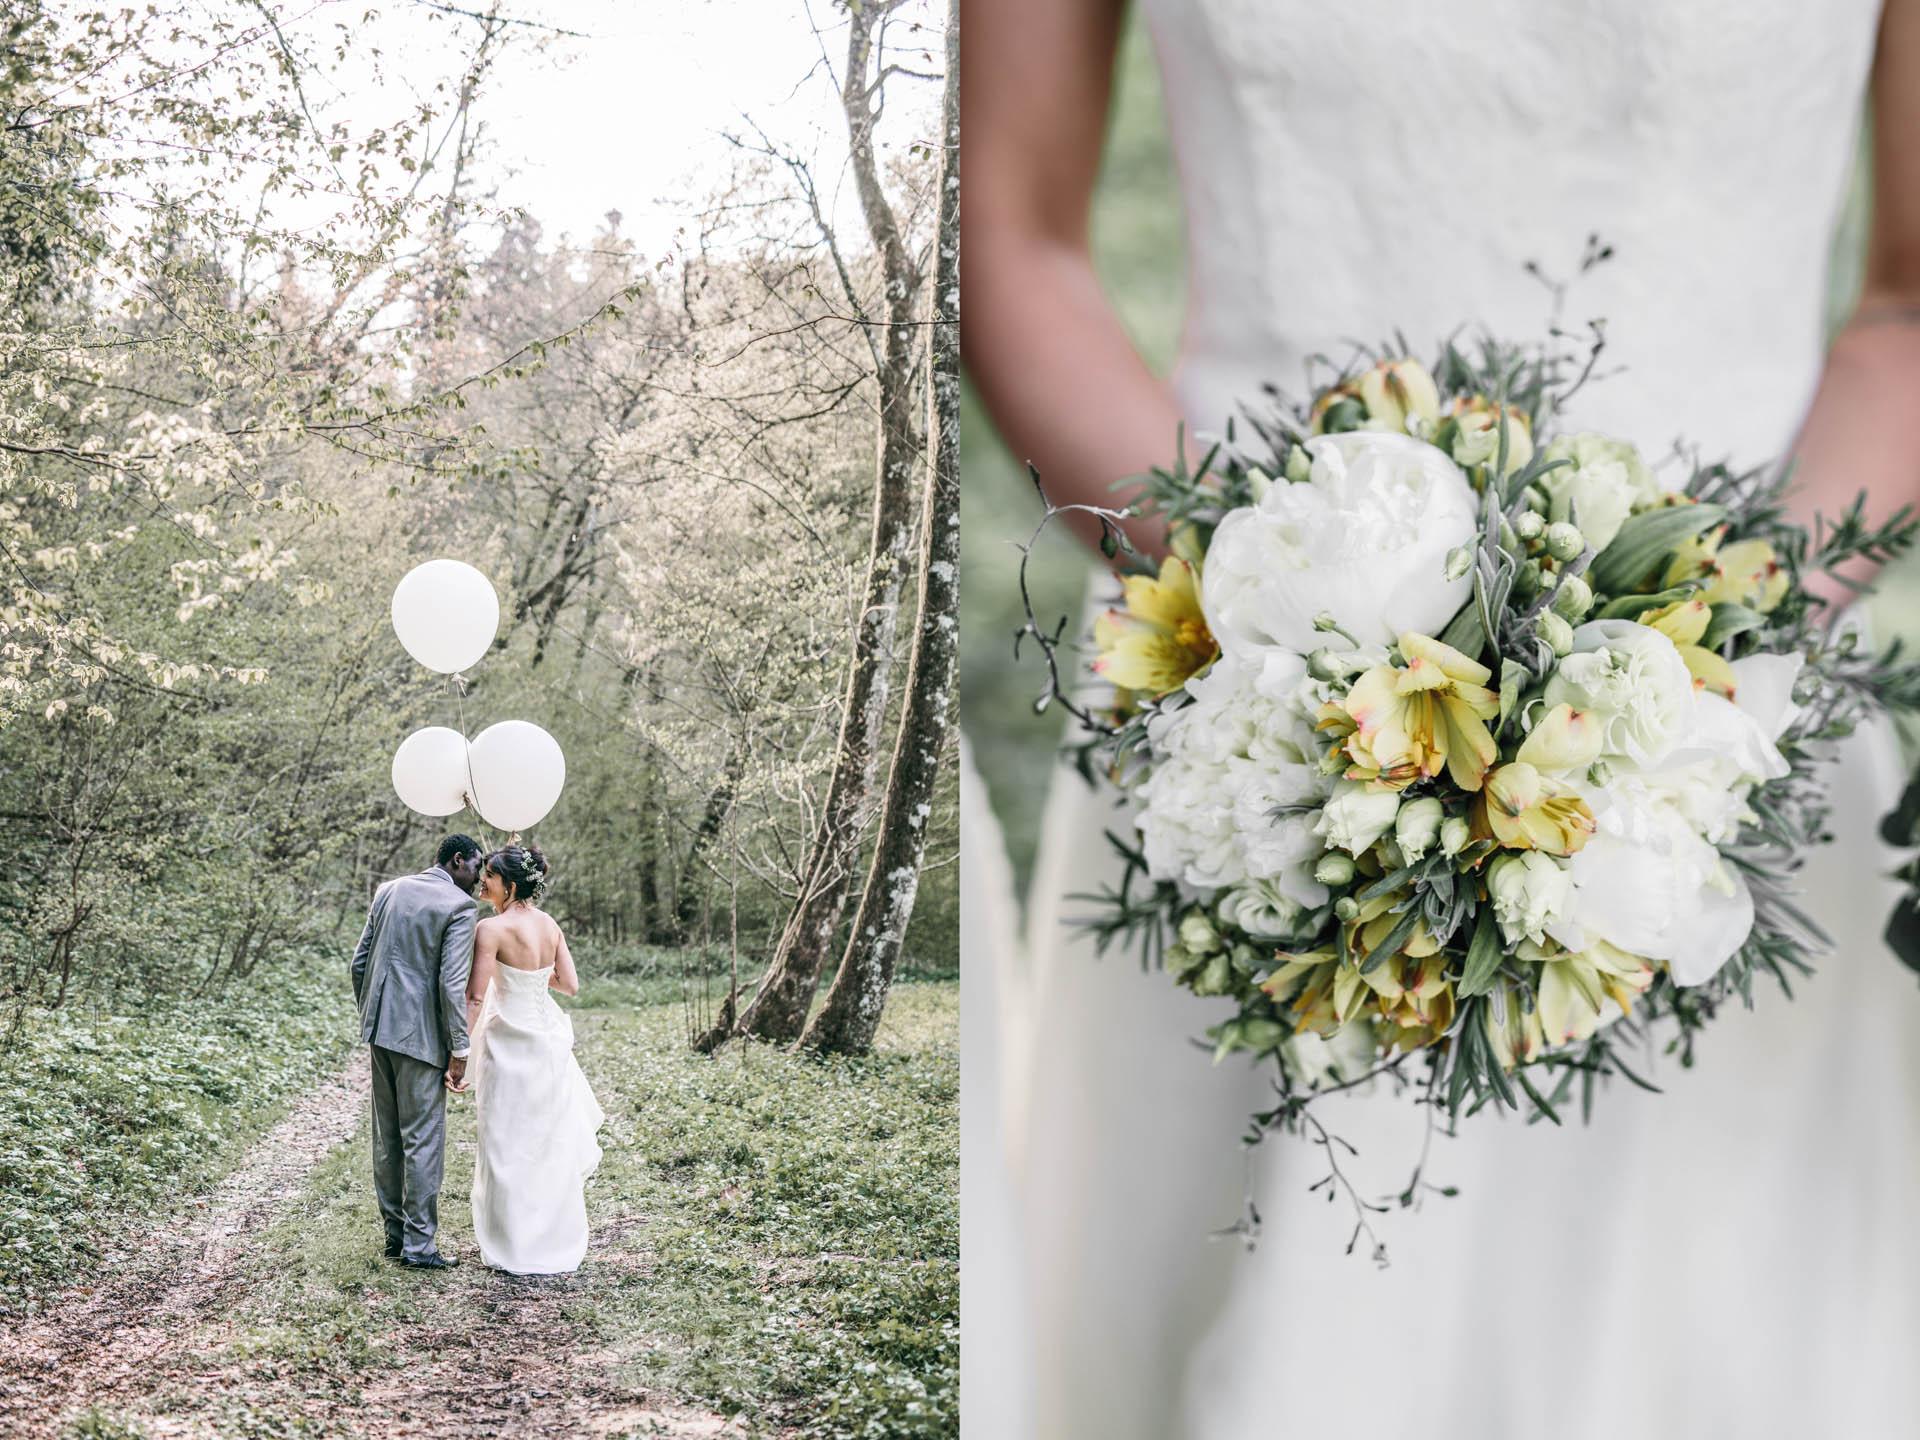 küssendes Brautpaar und Brautstraußdetail